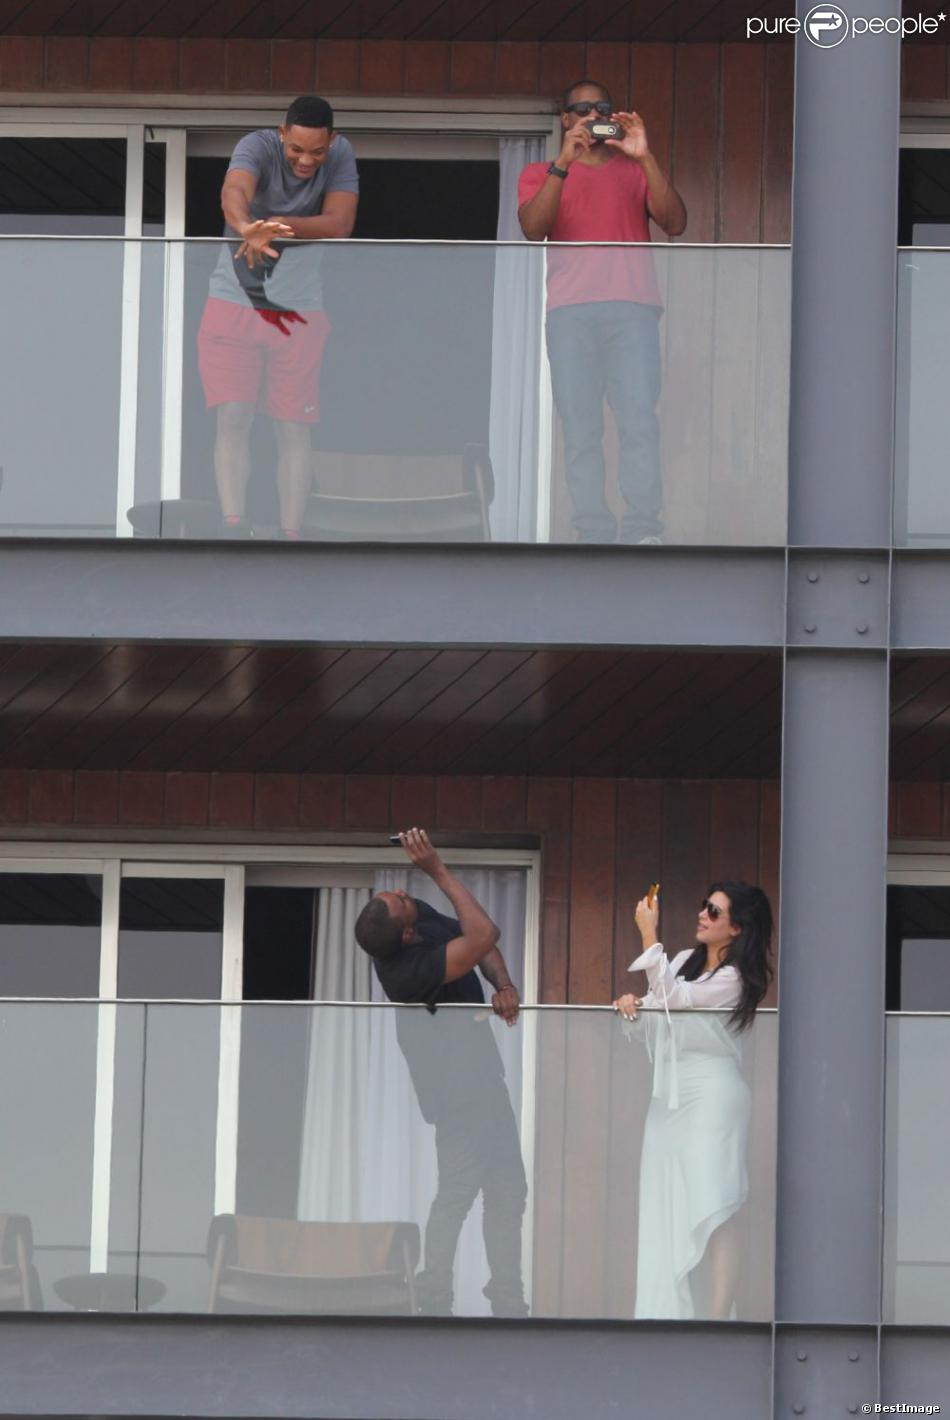 Kim Kardashian enceinte et son compagnon Kanye West, sur la terrasse de leur hôtel, saluent les fans ainsi que Will Smith qui loge juste à l'étage du dessus. Photo prise à Rio. Février 2013.